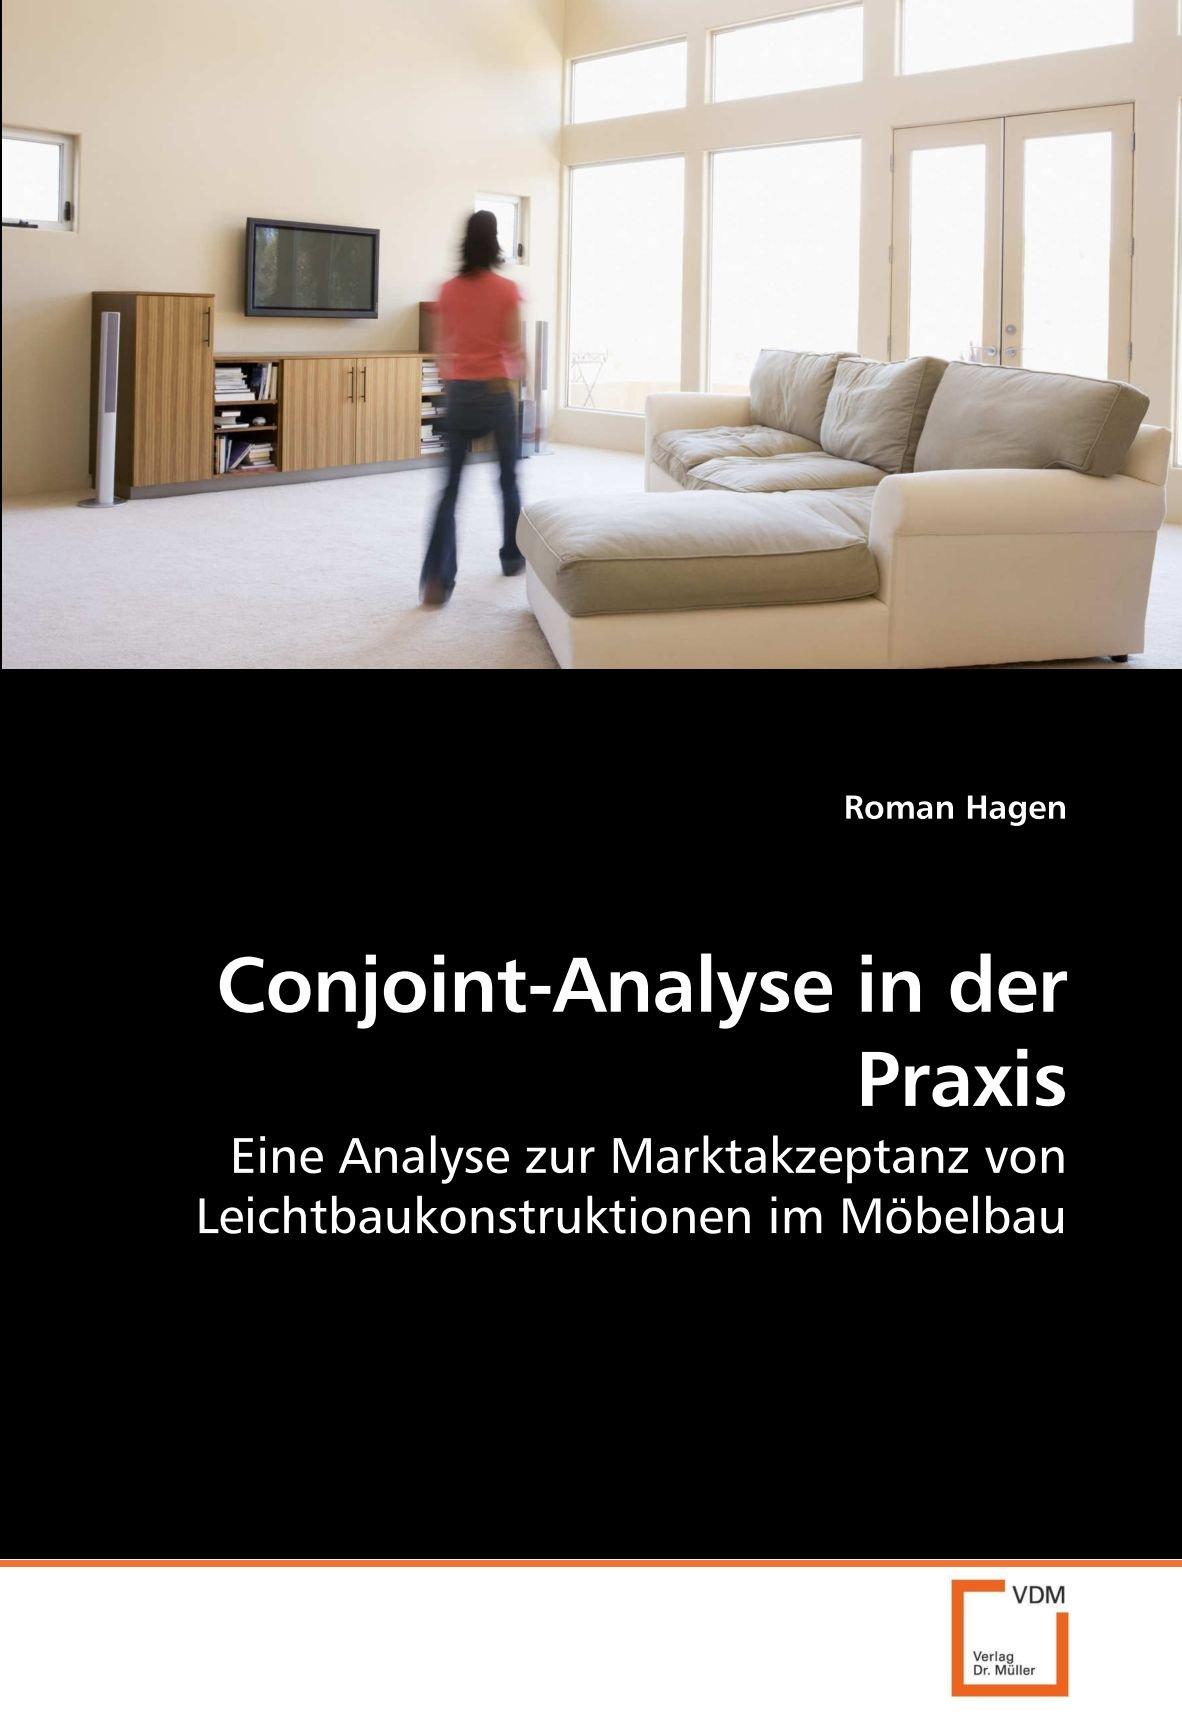 Conjoint-Analyse in der Praxis: Eine Analyse zur Marktakzeptanz von Leichtbaukonstruktionen im Möbelbau